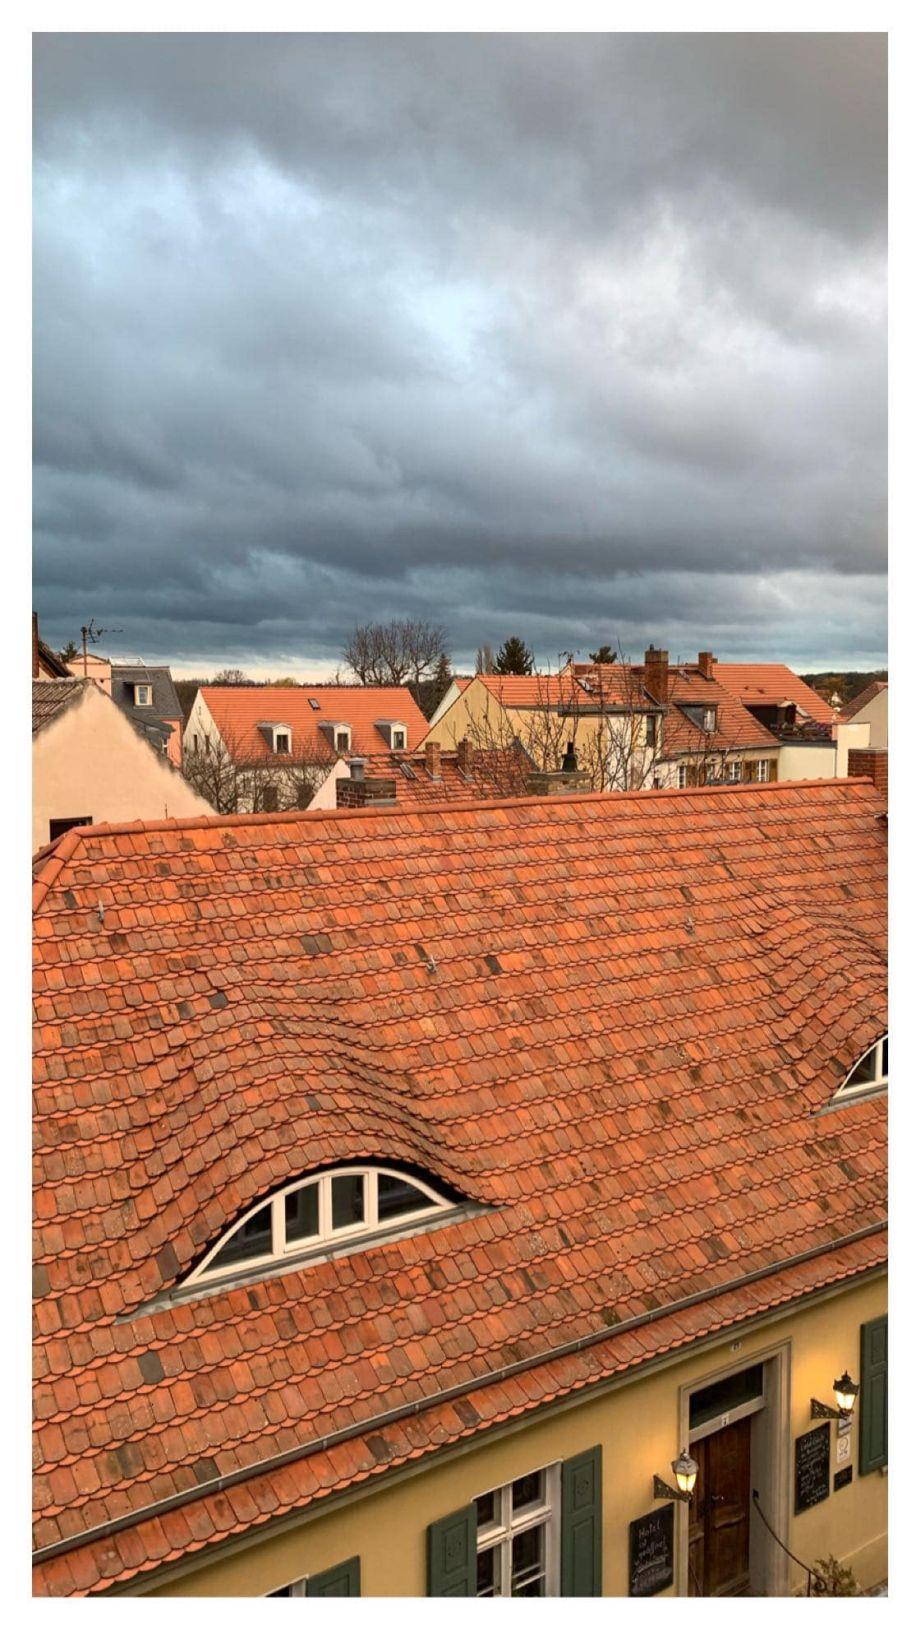 Einrichtung kleiner Wohnräume: TIPPS und GRUNDREGELN für das Einrichten und Dekorieren von kleinen Wohnräume! Mit dem Geberit Dusch WC im Flying Space von Schwerer Haus in Werder Havel!